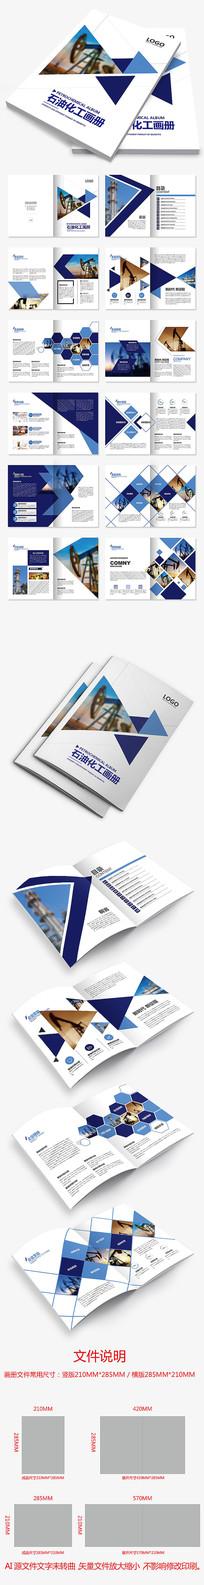 勘探钻井中石油中石化能源科技画册封面